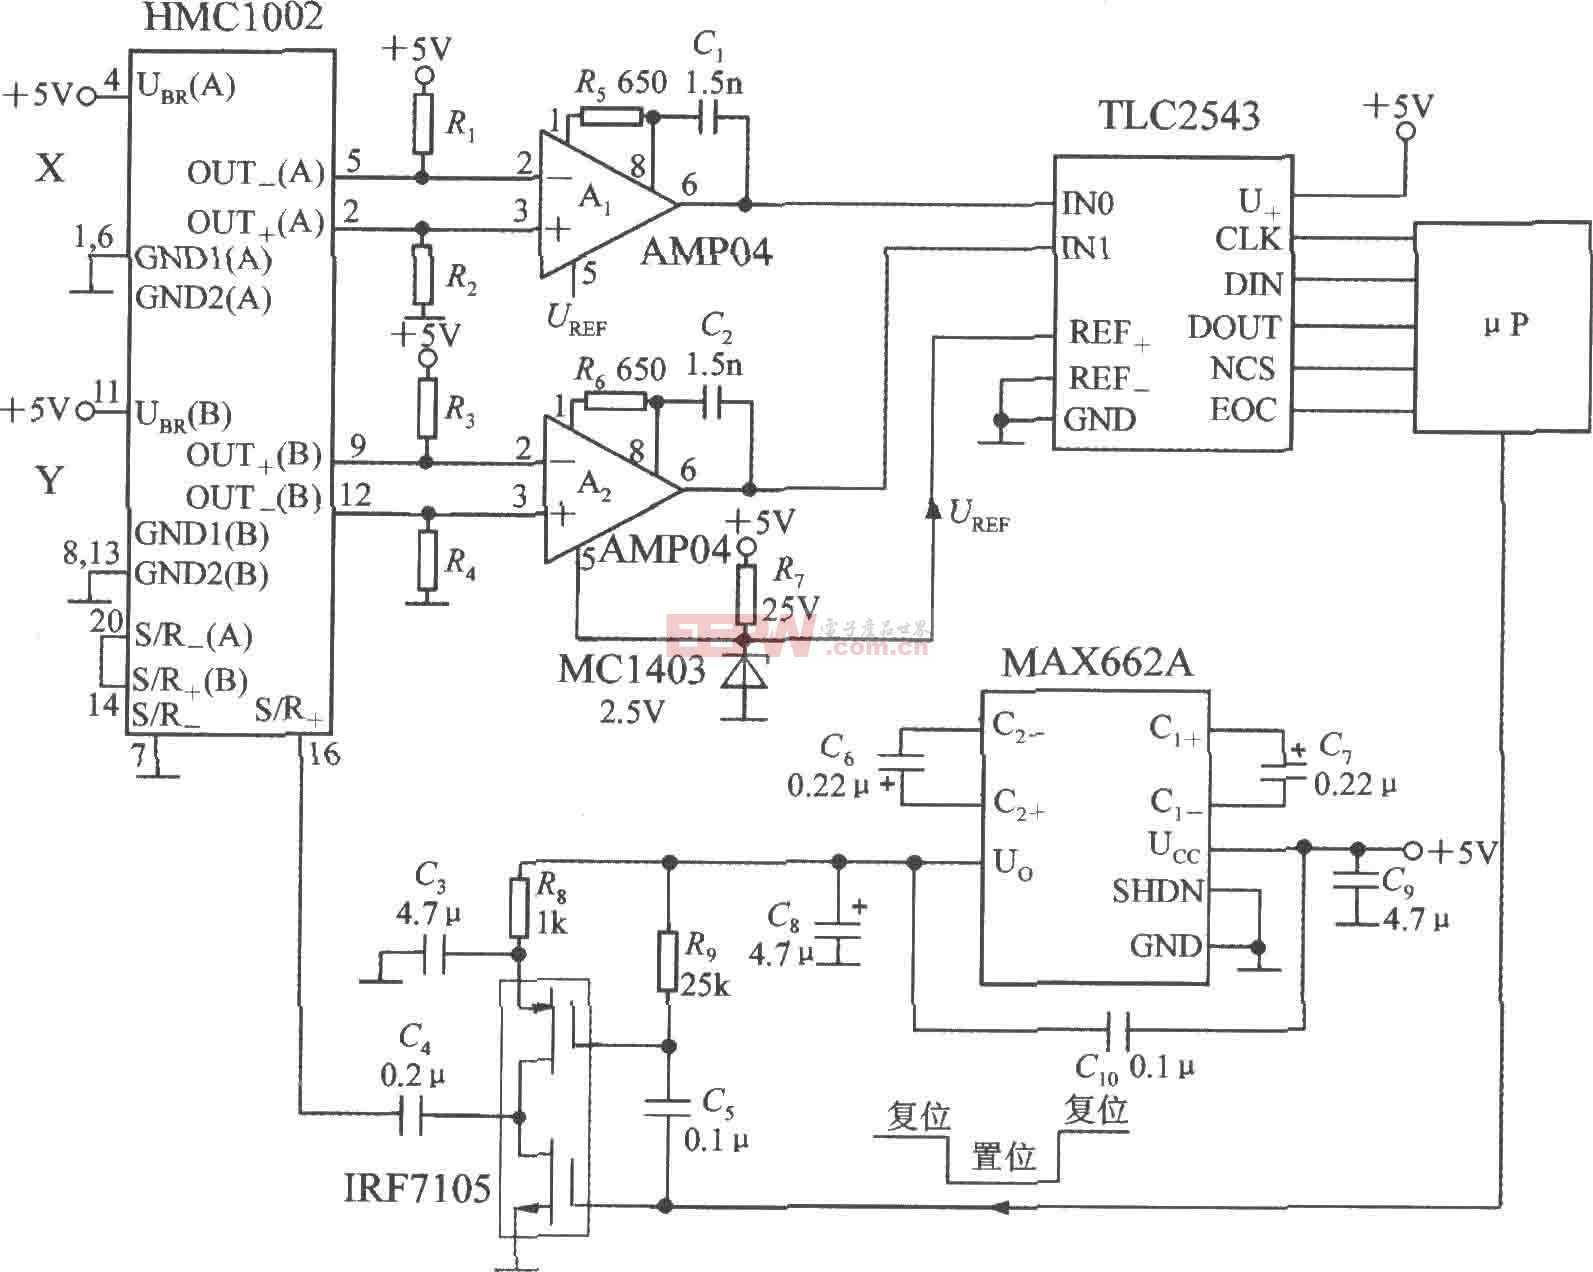 带S/R电路和串行接口的双轴磁场传感器应用电路图(集成磁场传感器HMC1002)